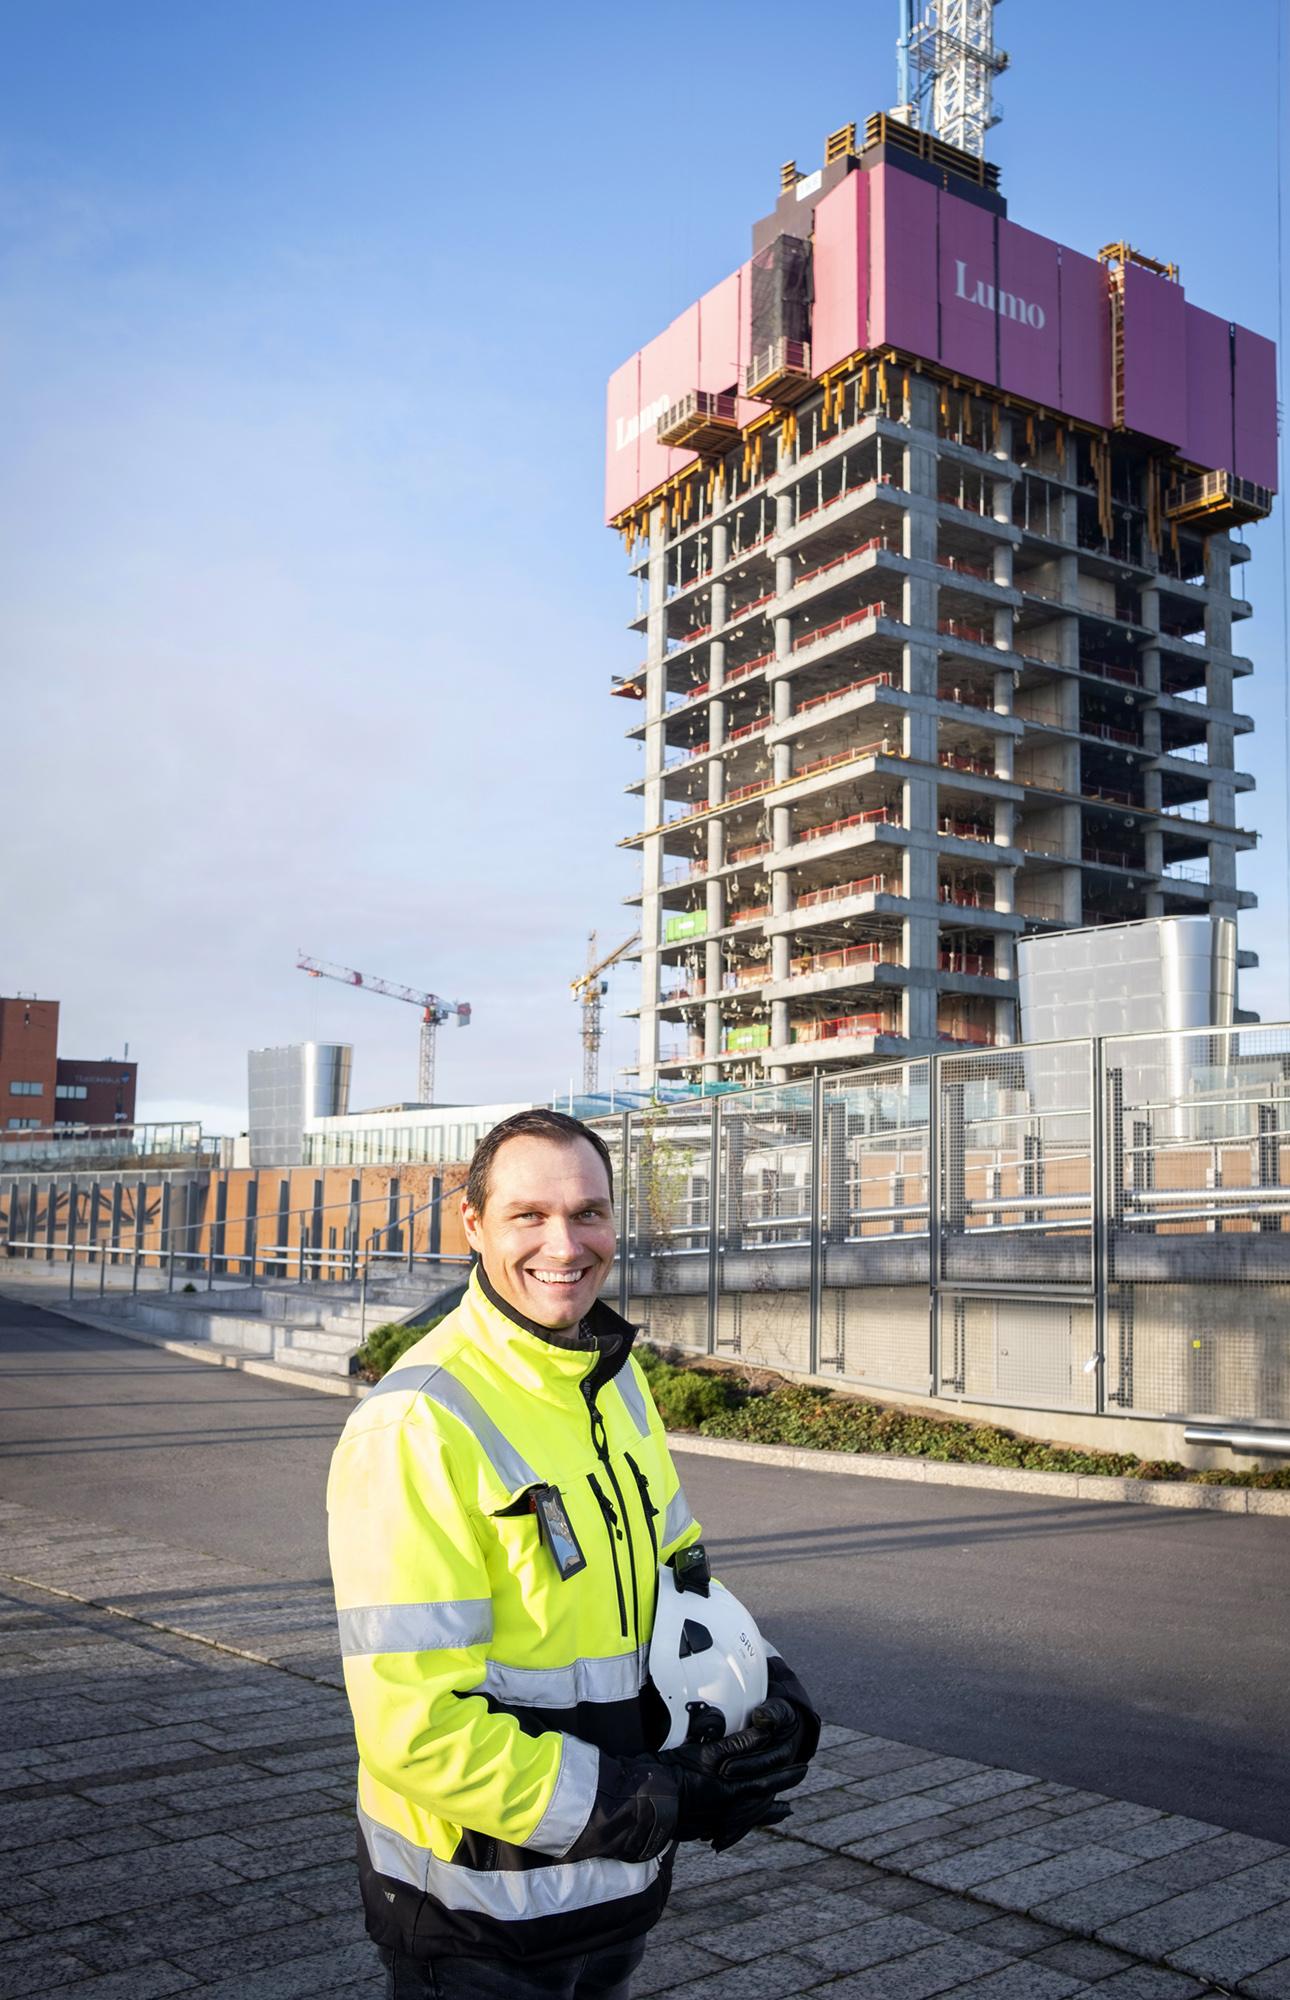 Lumo One -työmaan valvoja Antti Ruposelle pilvenpiirtäjän rakentaminen tarjoaa tilaisuuden työskennellä uusien rakennustekniikoiden parissa.